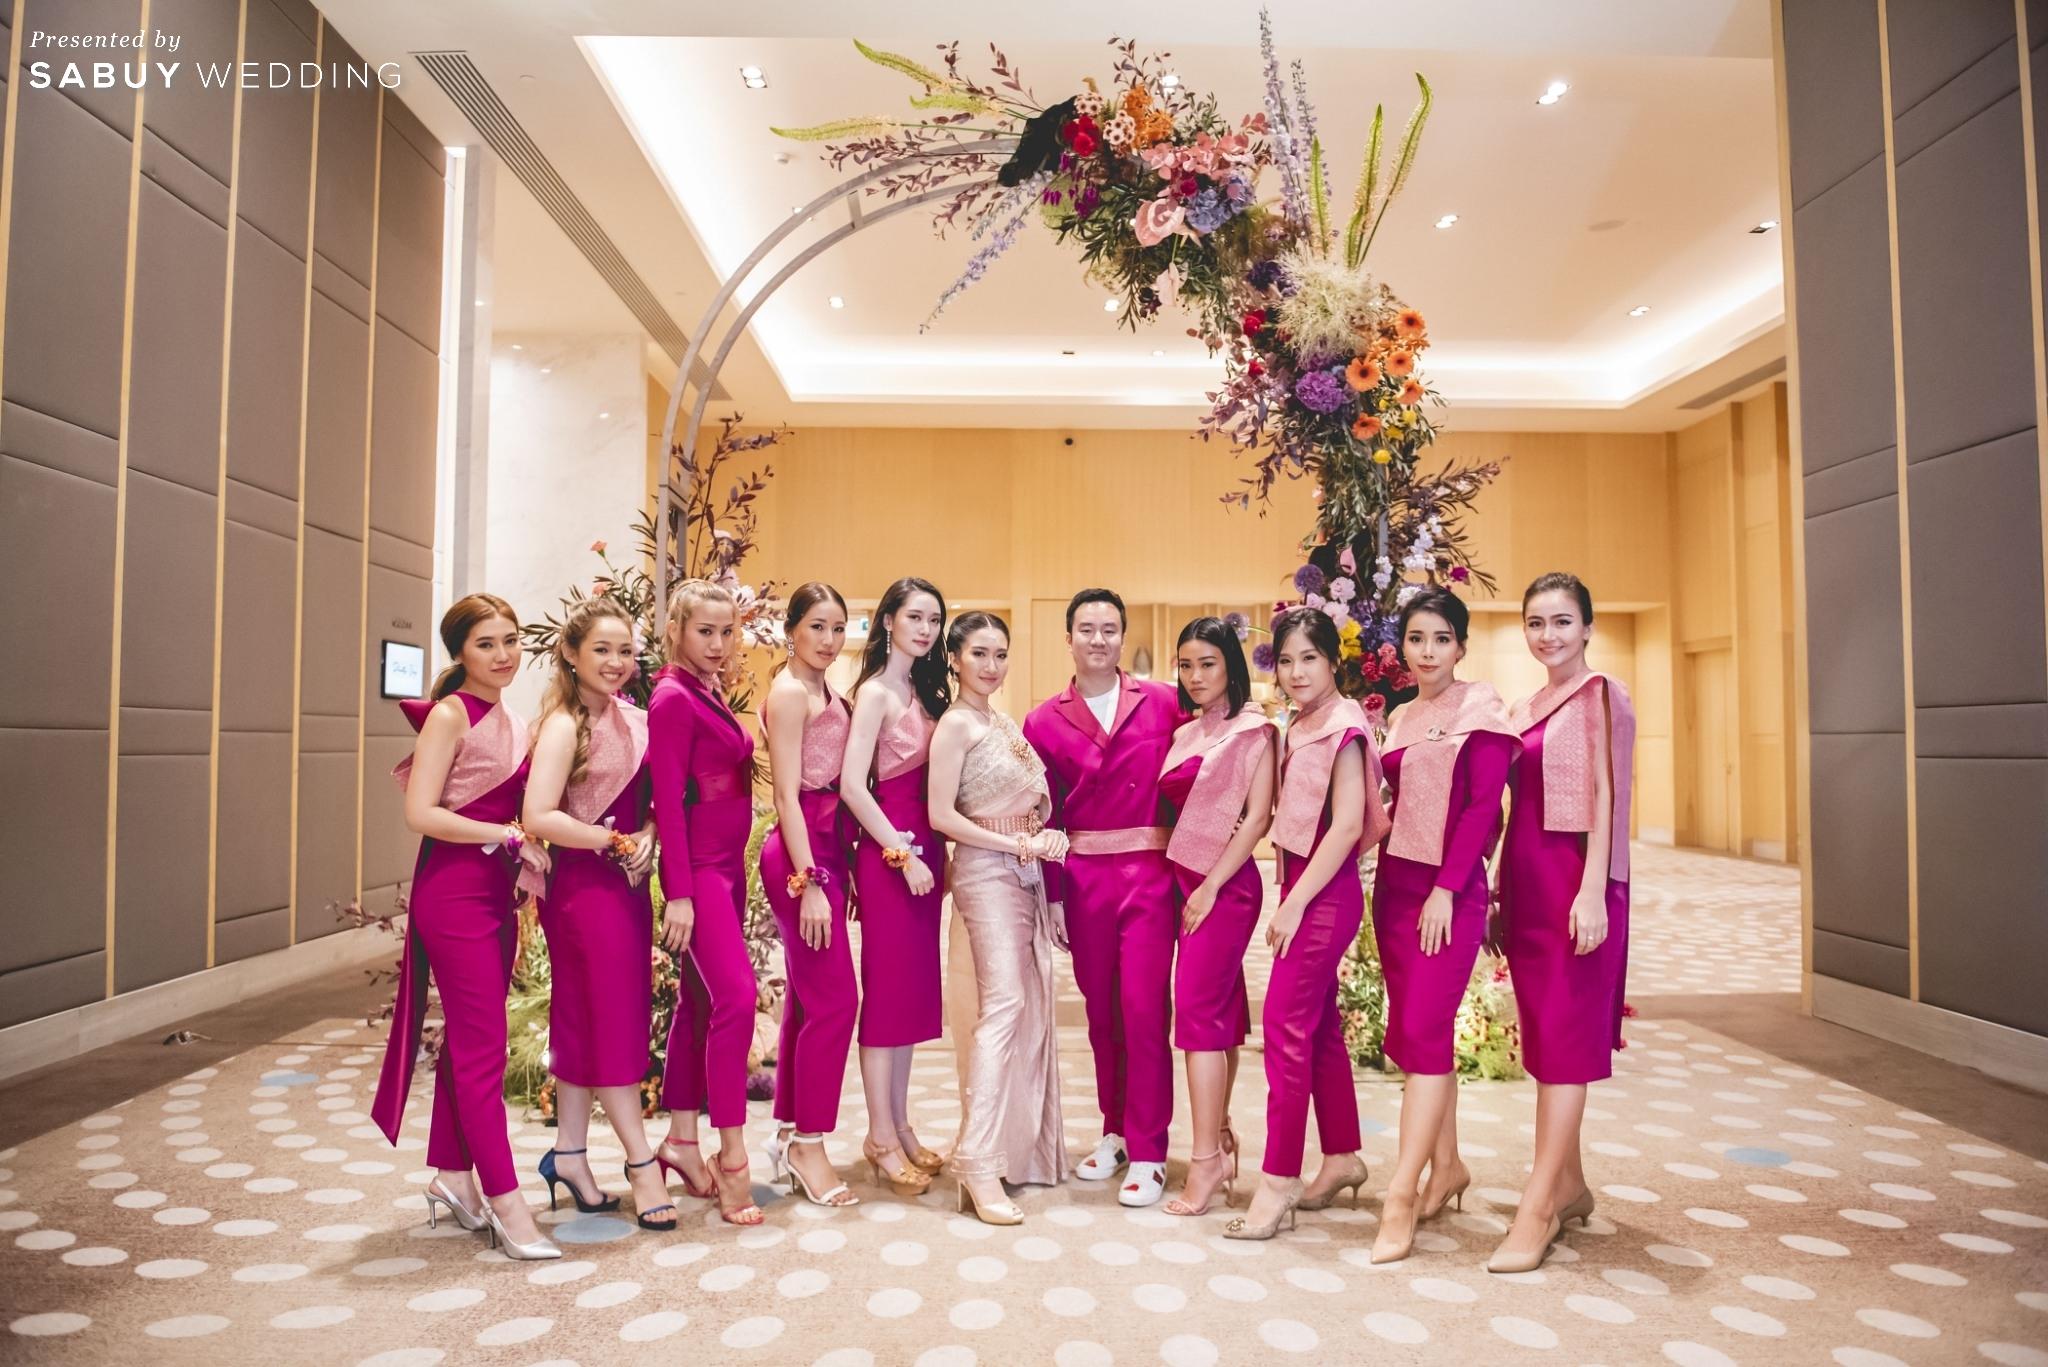 เพื่อนเจ้าสาว,ชุดเจ้าสาว,ชุดแต่งงาน รีวิวงานแต่งแซ่บจี๊ดใจ สวยสดใสด้วยโทนสี Colorful @ AVANI+ Riverside Bangkok Hotel